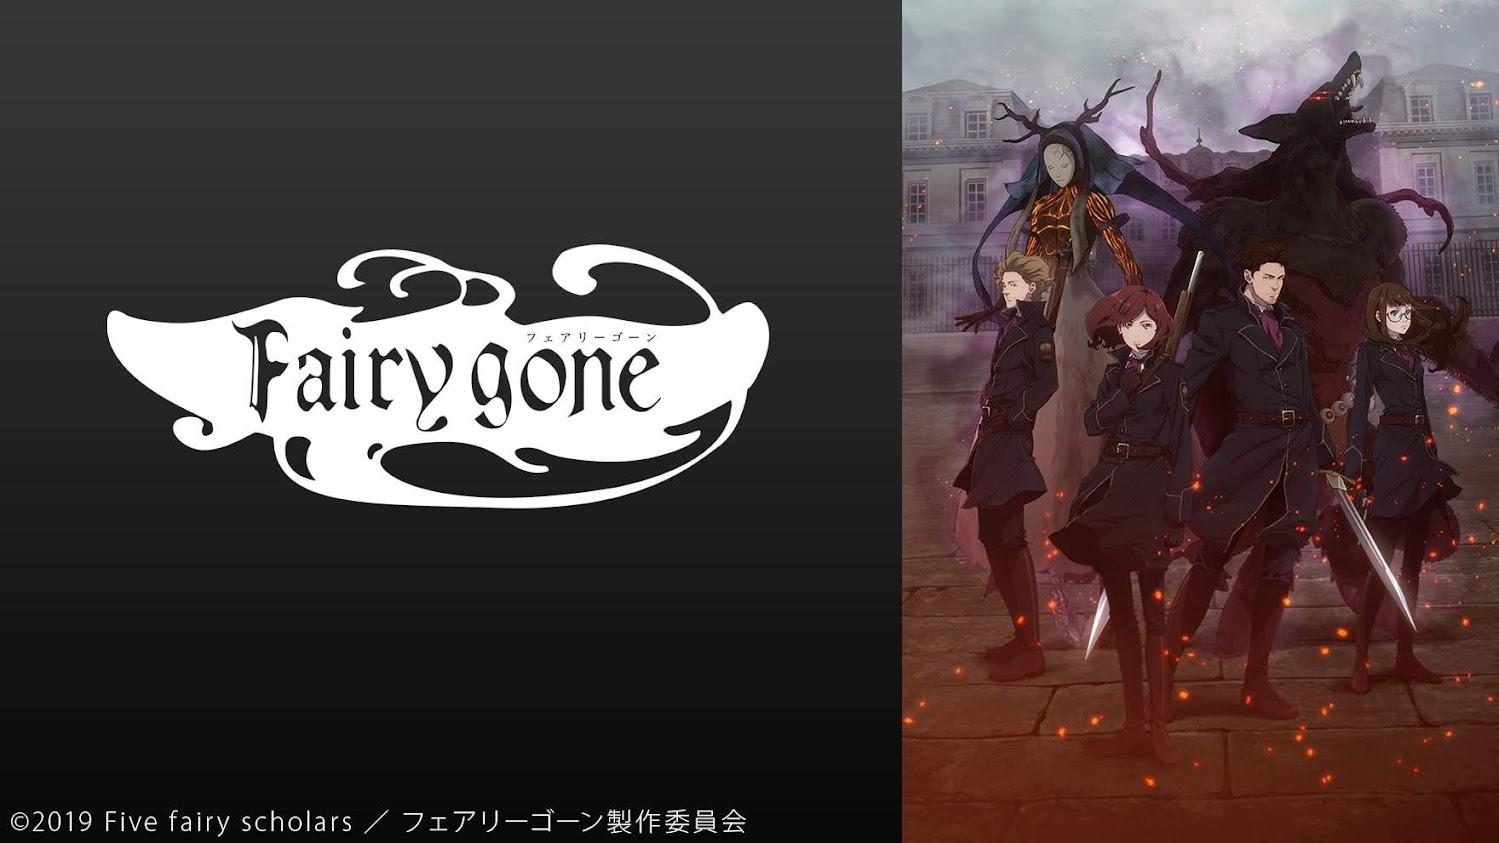 Fairygone(フェアリーゴーン)アニメ